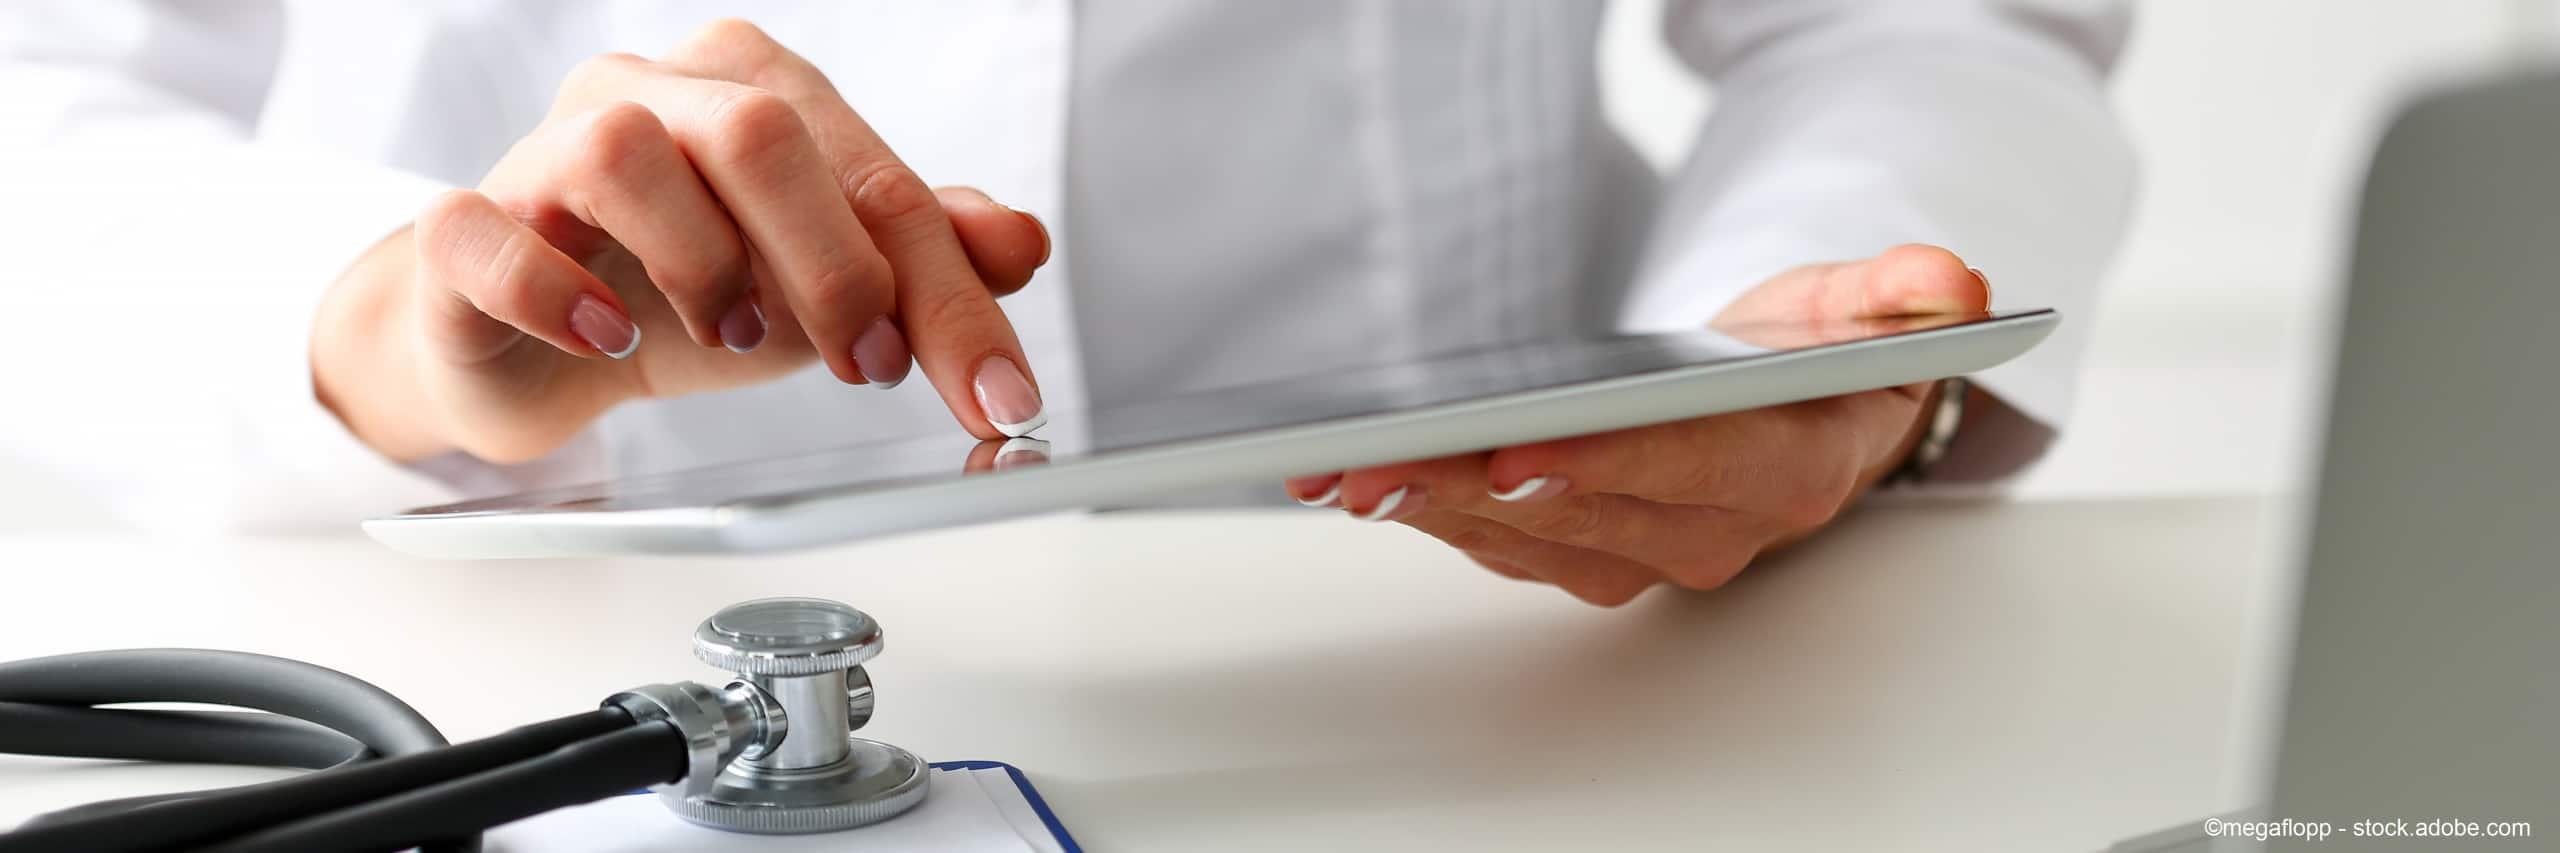 Wahlleistungen im Krankenhaus WLAN Hotspot digitaler Lesezirkel